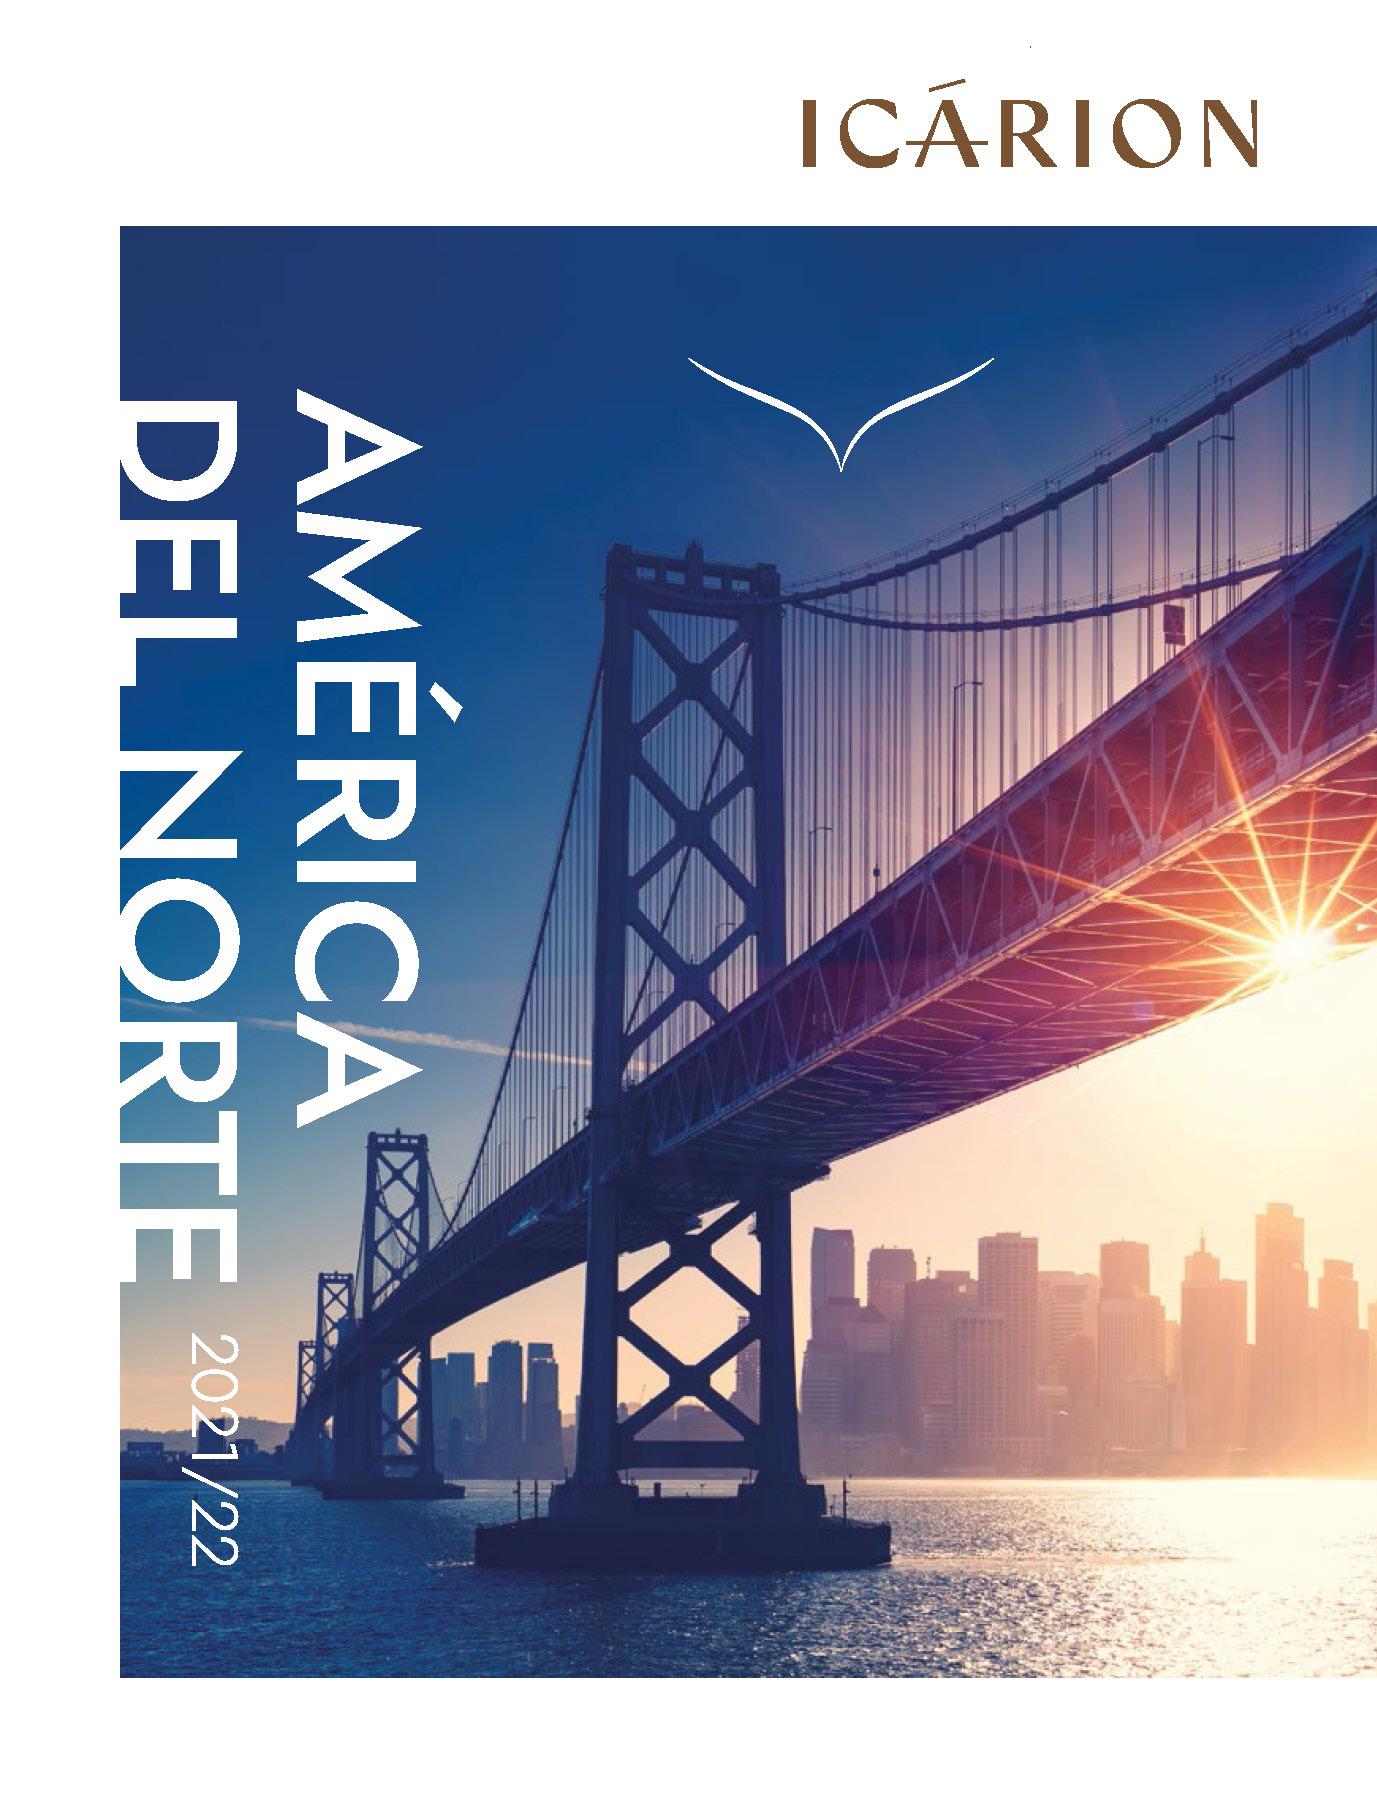 Catalogo Icarion America del Norte 2021-2022